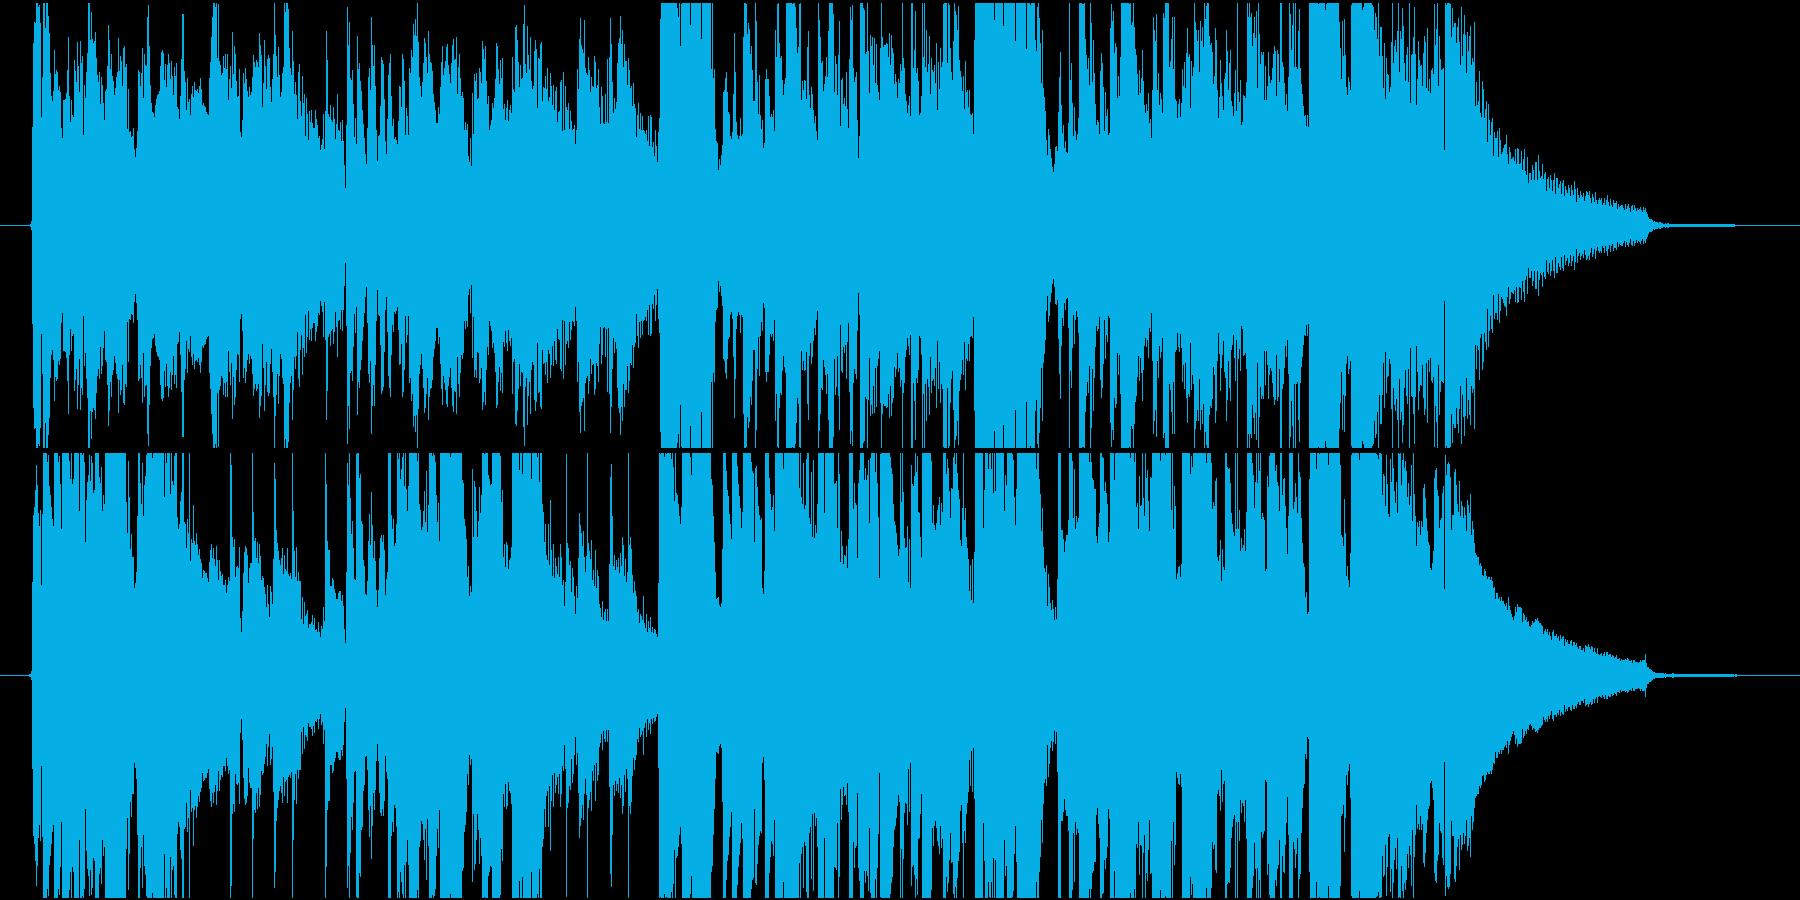 情熱的なラテン曲(キューバ系)の再生済みの波形